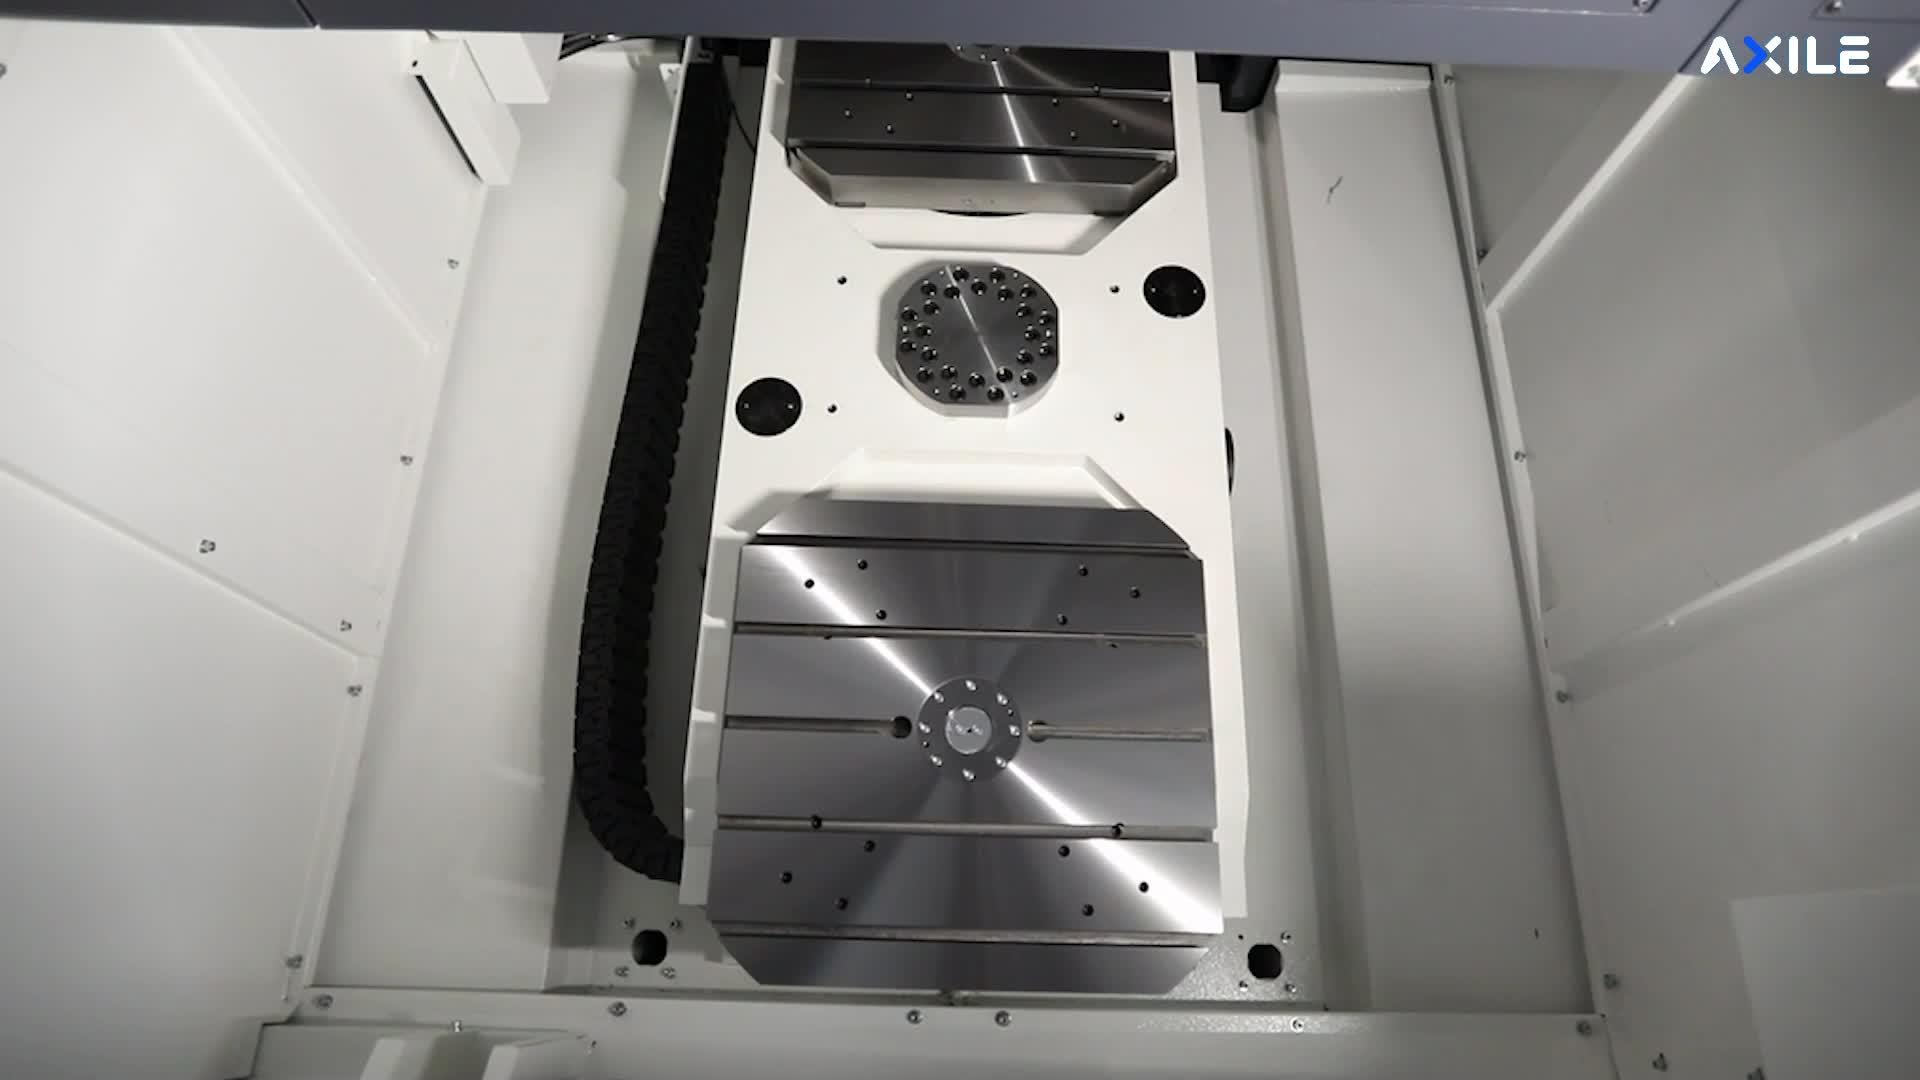 【AXILE-Produkt】G6 Motorisierter Palettenwechsler (MPC)